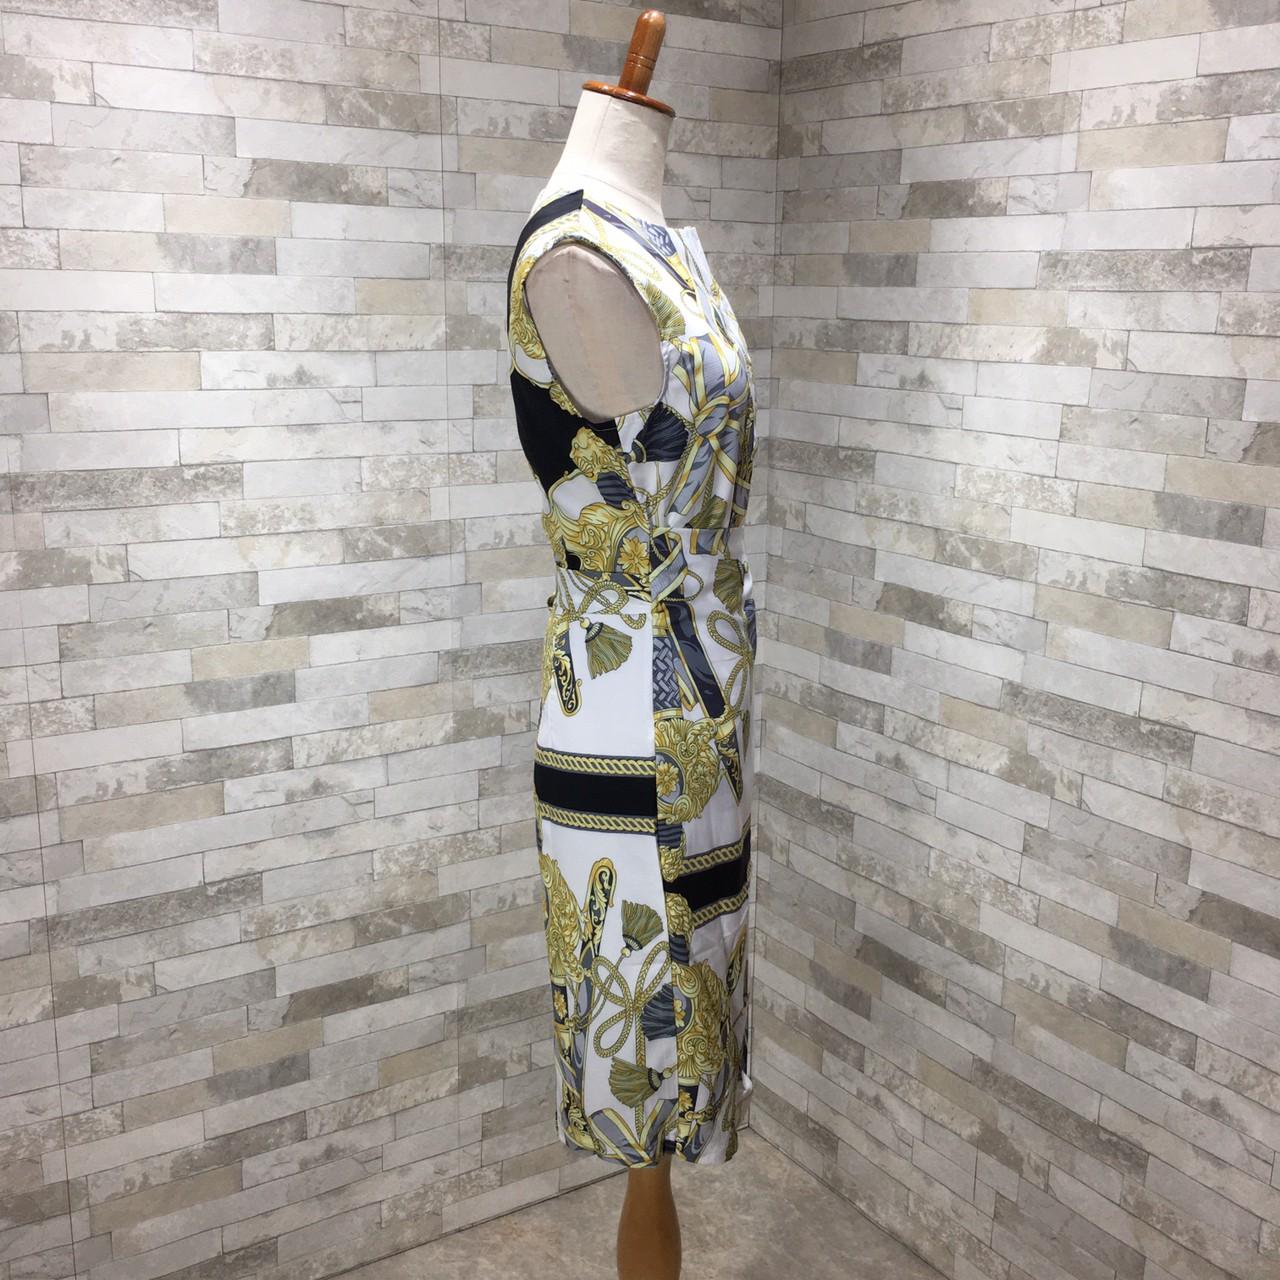 【即納】韓国 ファッション ワンピース パーティードレス ひざ丈 ミディアム 夏 春 パーティー ブライダル SPTXB517 結婚式 お呼ばれ ゴージャス レトロ スカーフ 二次会 セレブ きれいめの写真18枚目